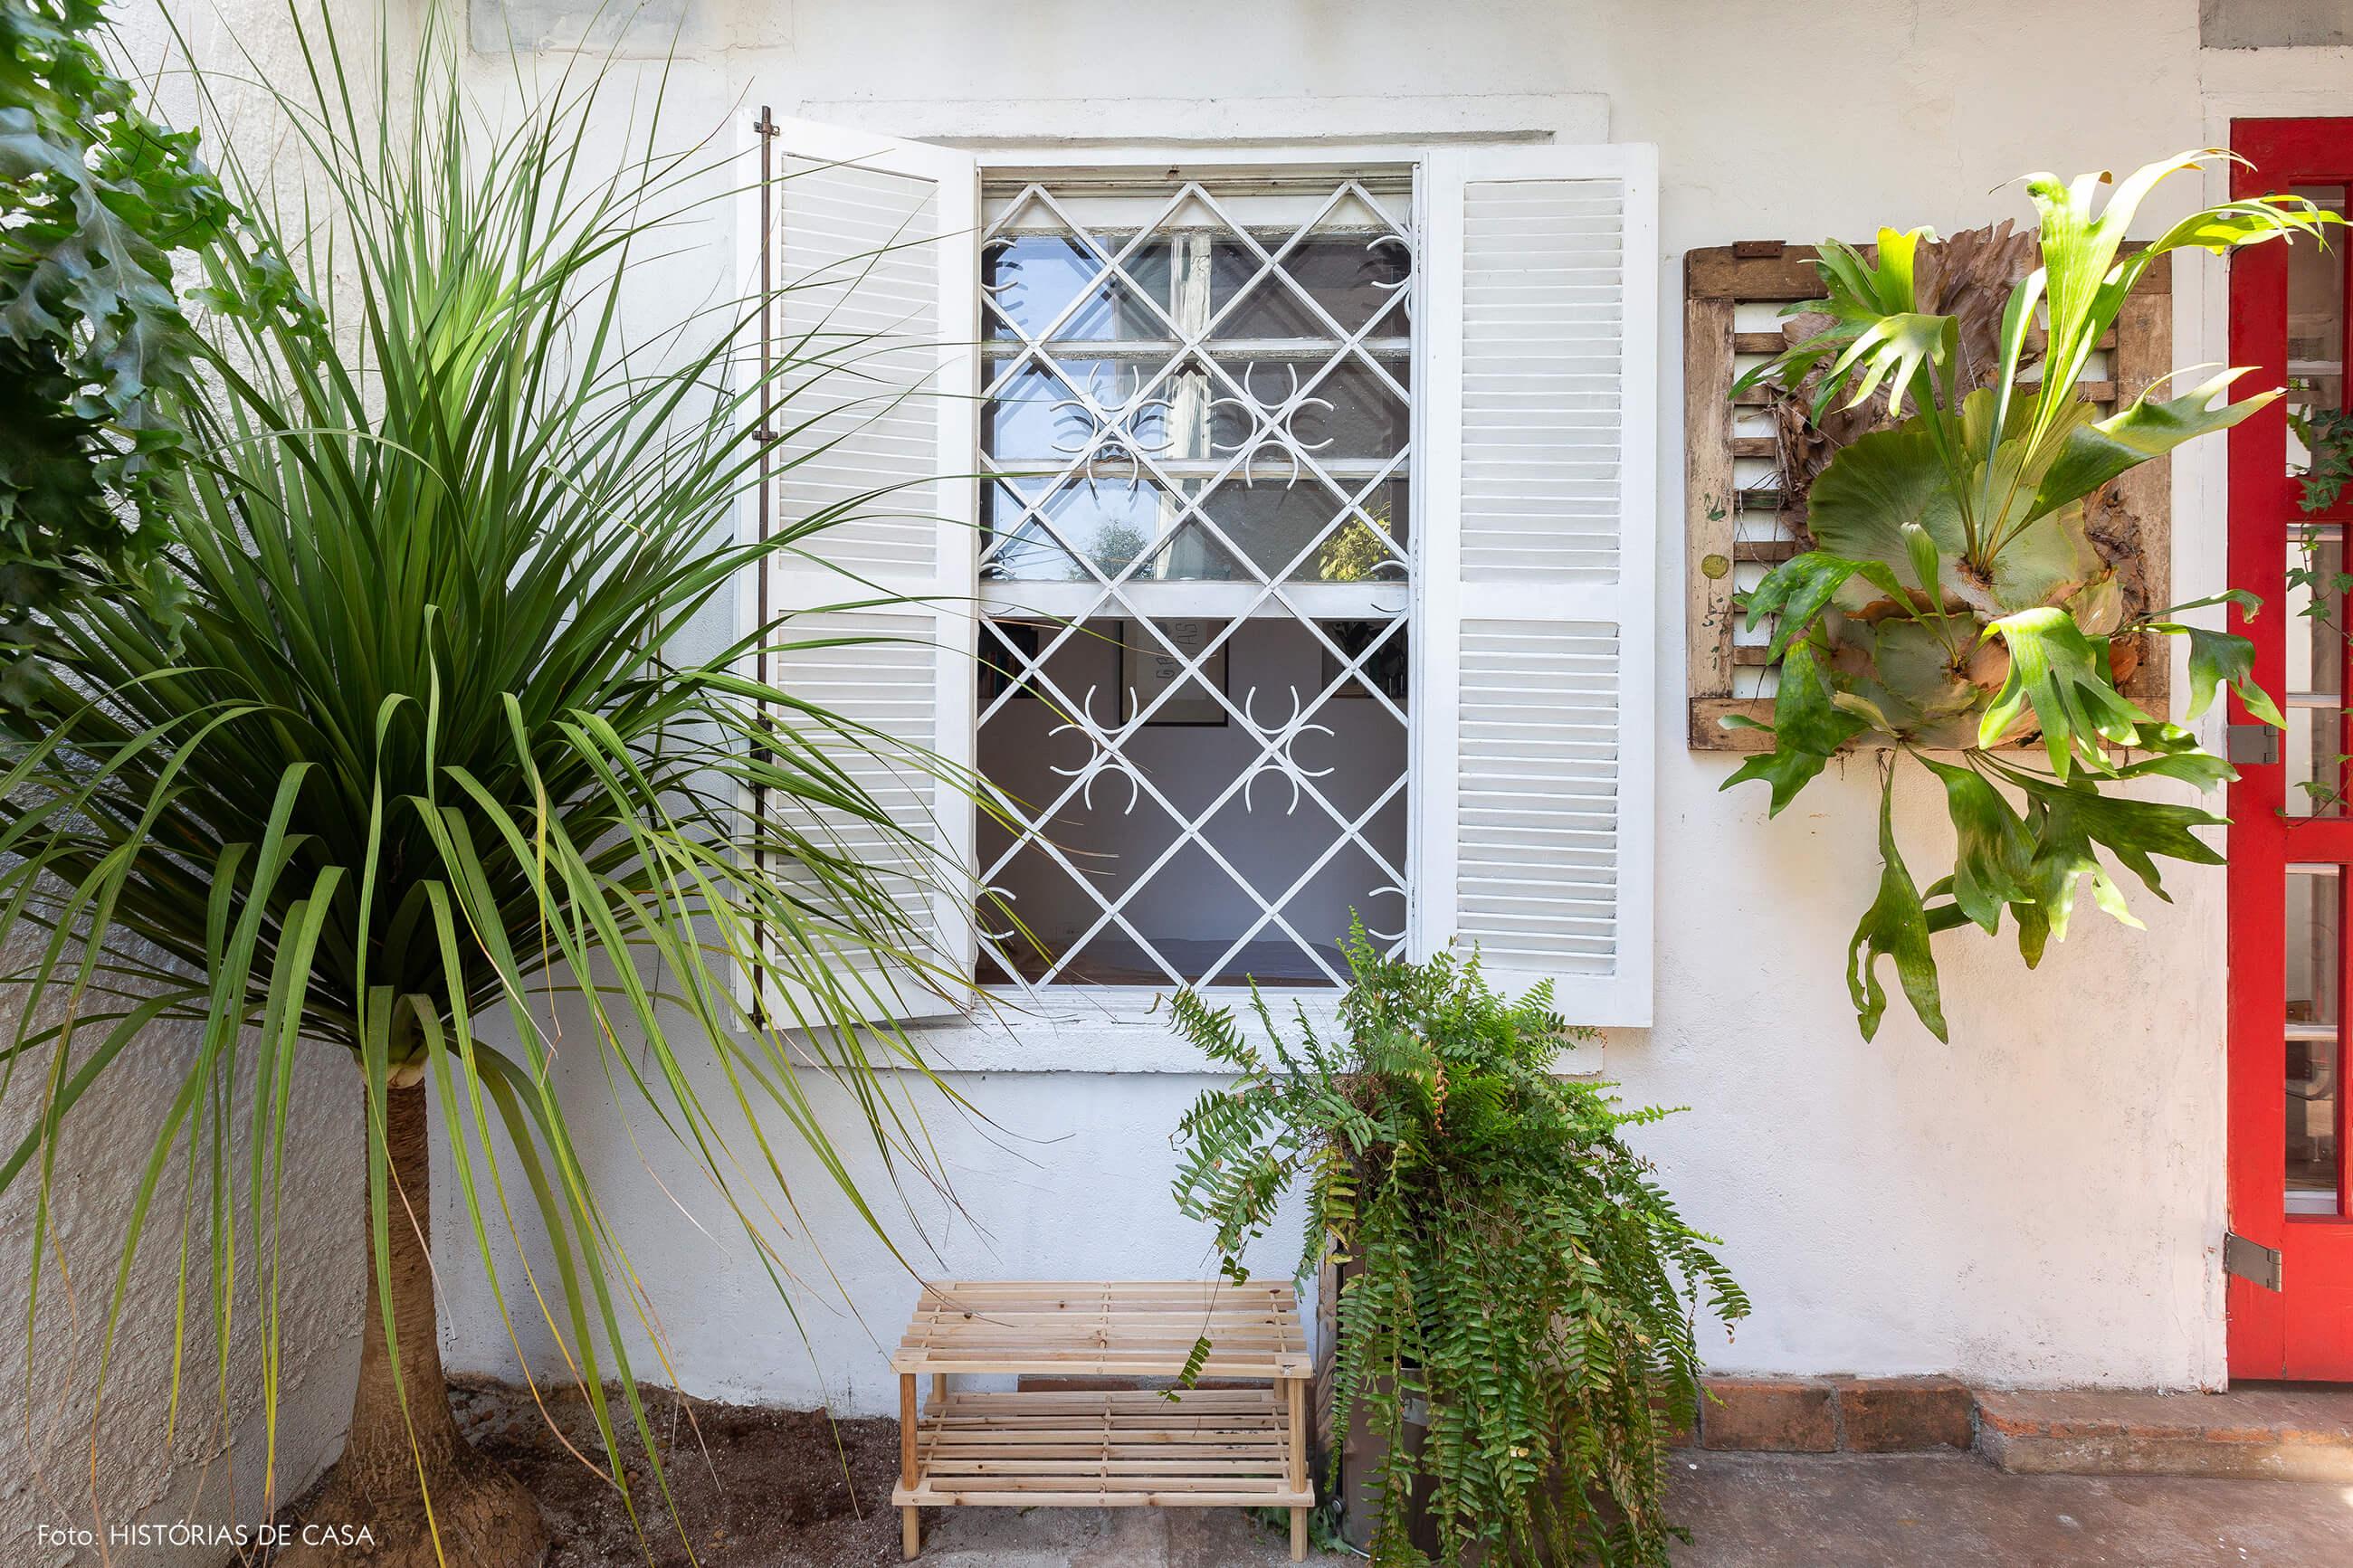 Casa de vila com janelas antigas e muitas plantas